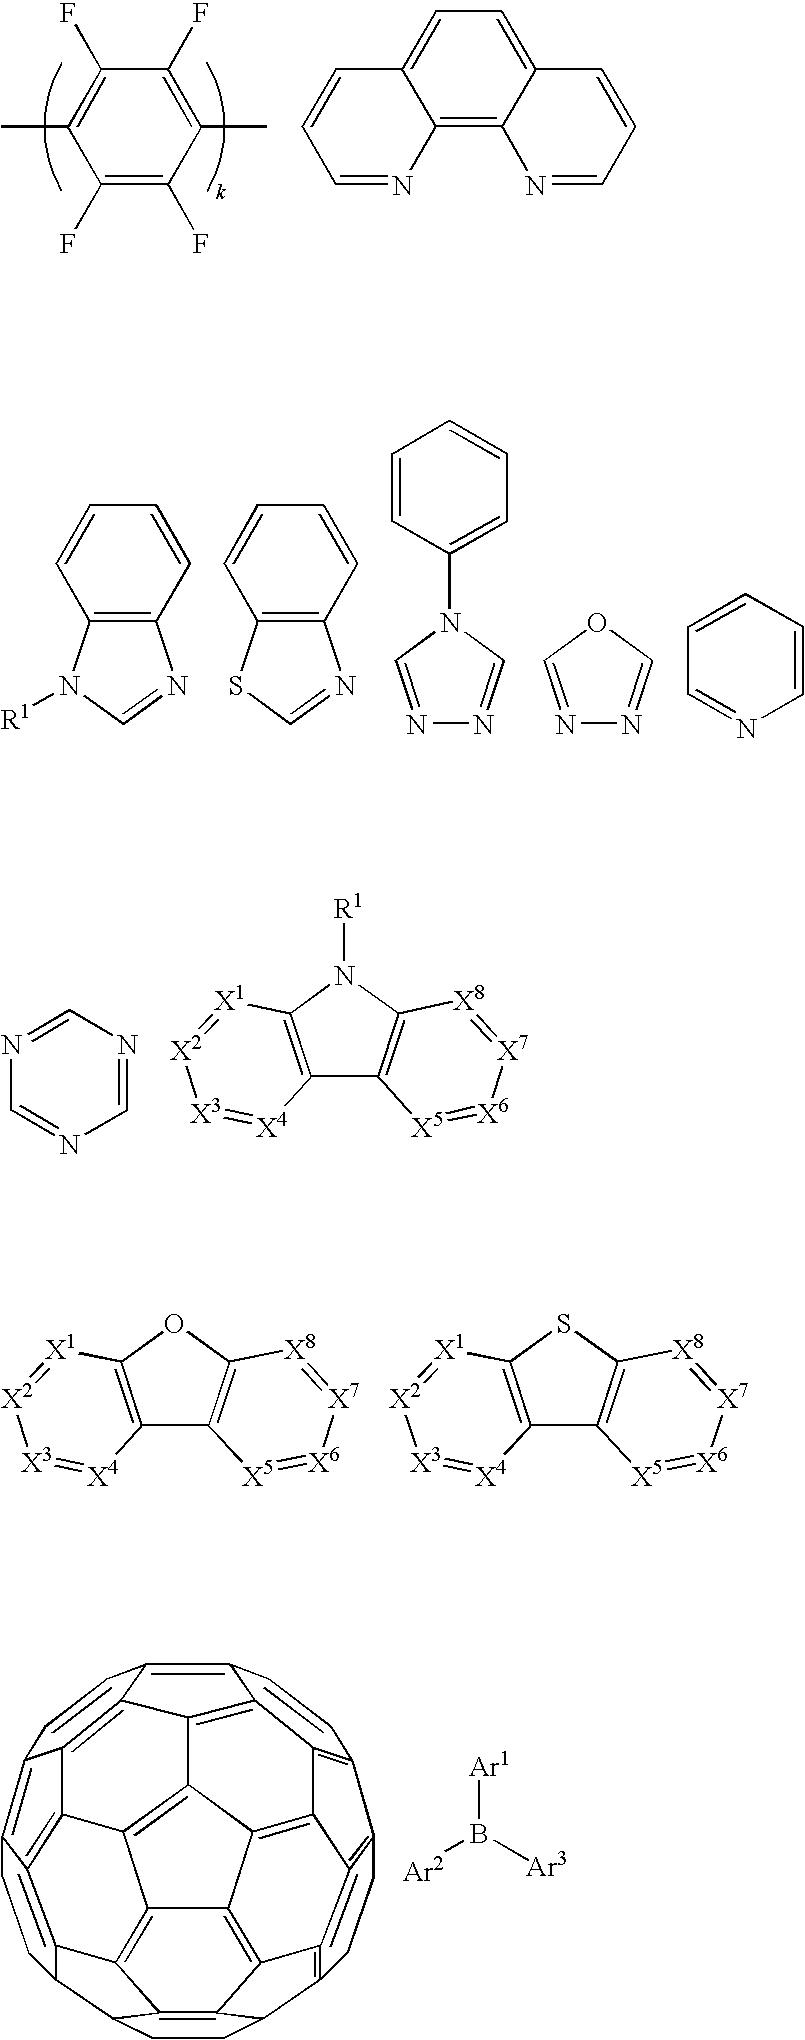 Figure US08586203-20131119-C00095